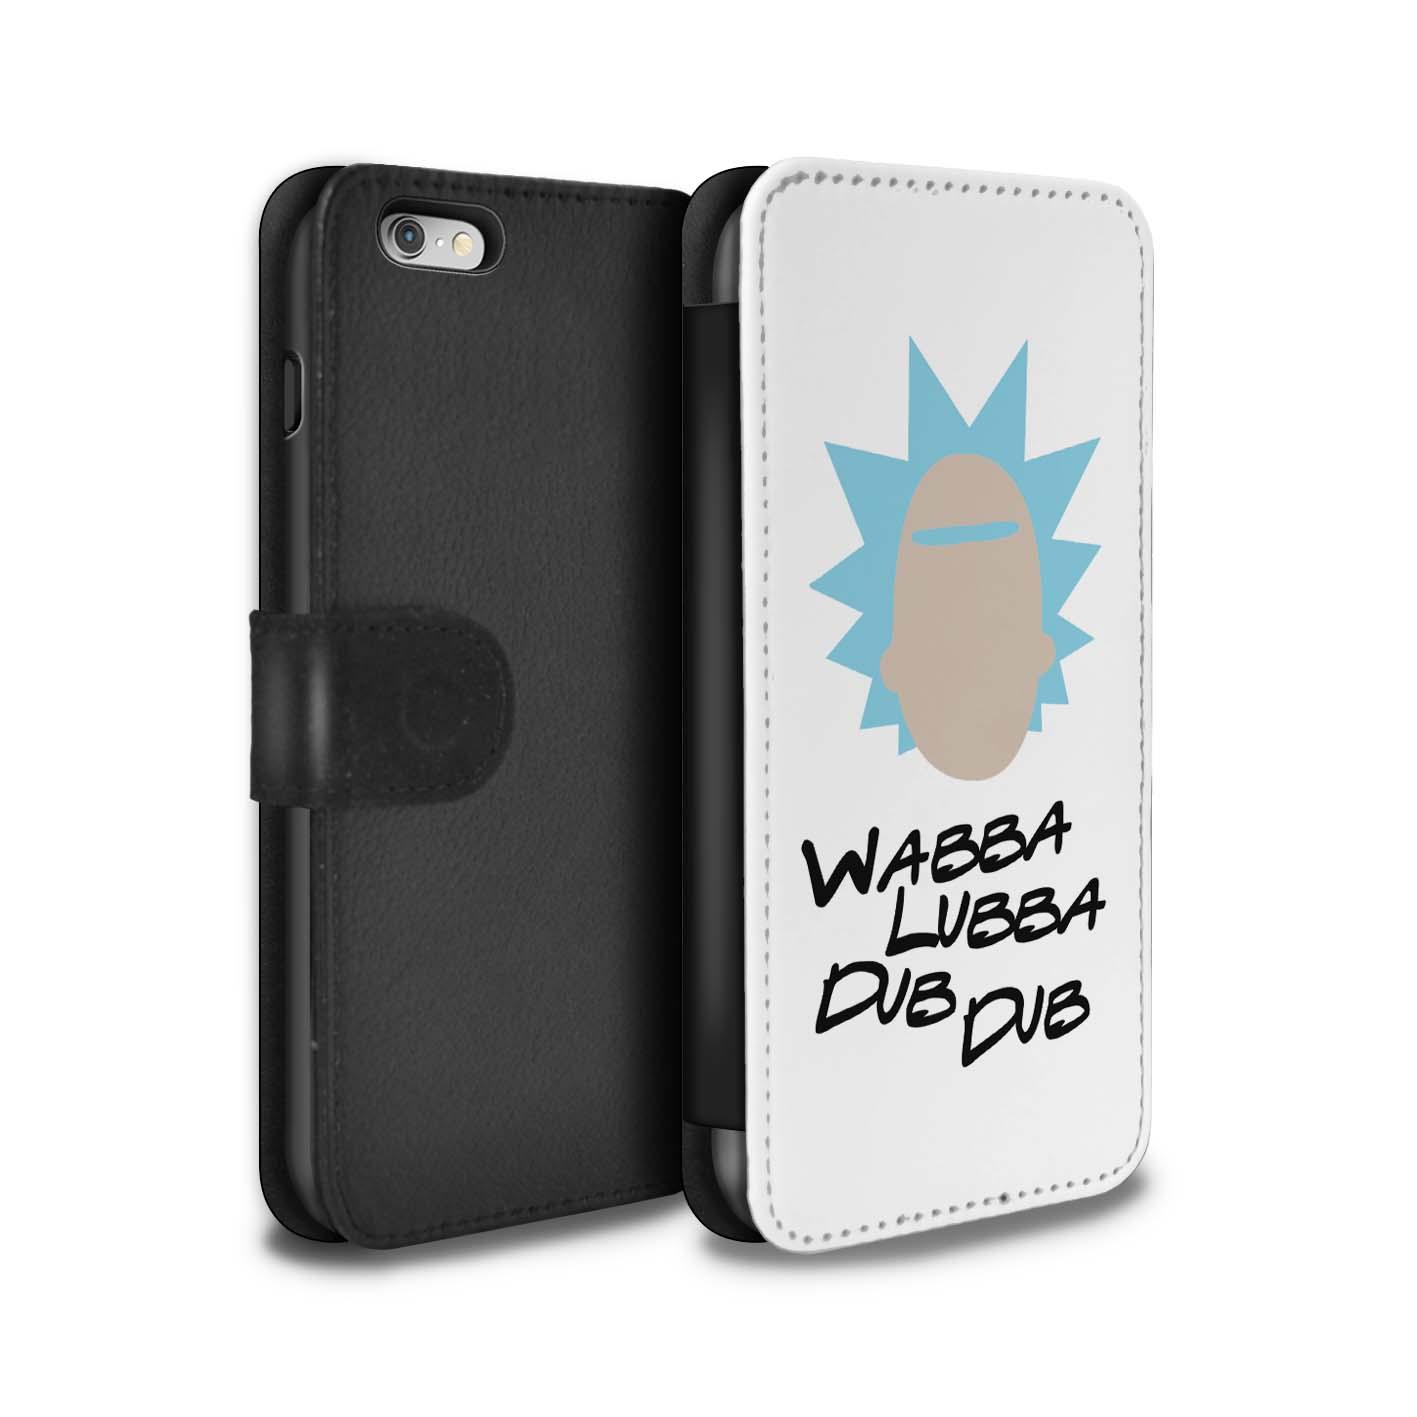 Coque-Etui-Case-Cuir-PU-pour-Apple-iPhone-6S-Plus-Tele-Alien-Drole-Dessin-Anime